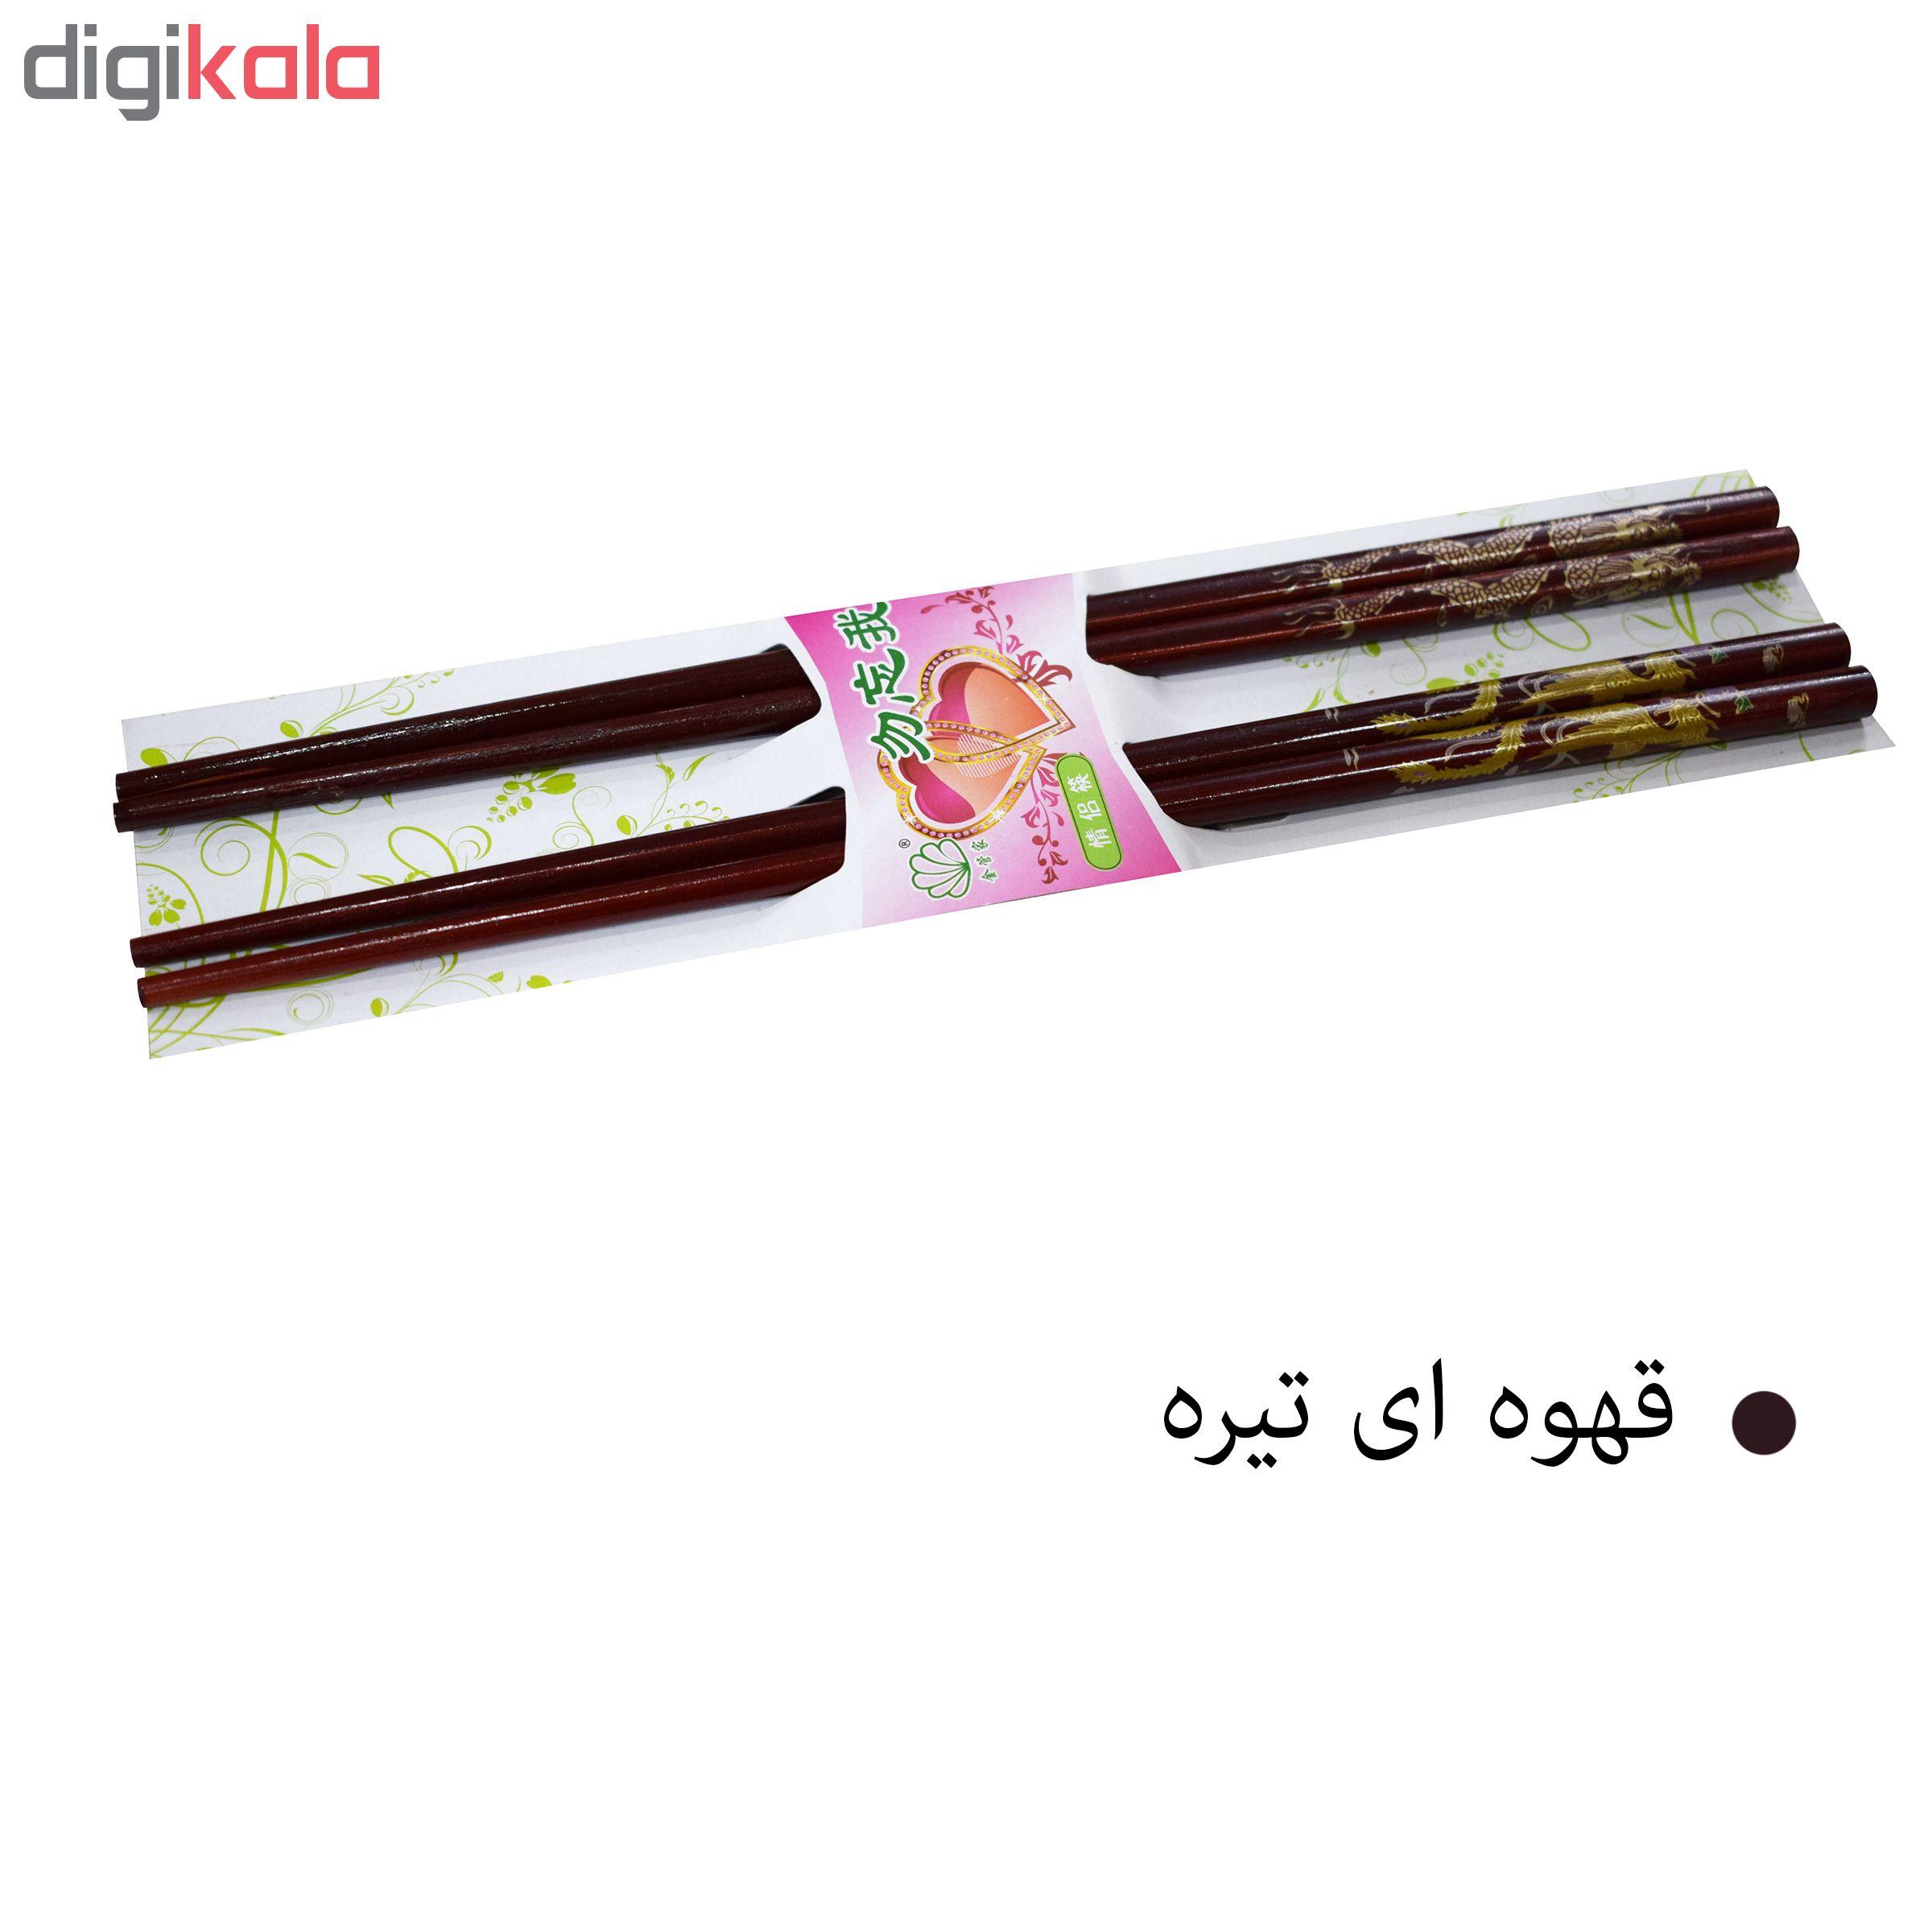 چوب غذاخوری چاپستیک مدل 001